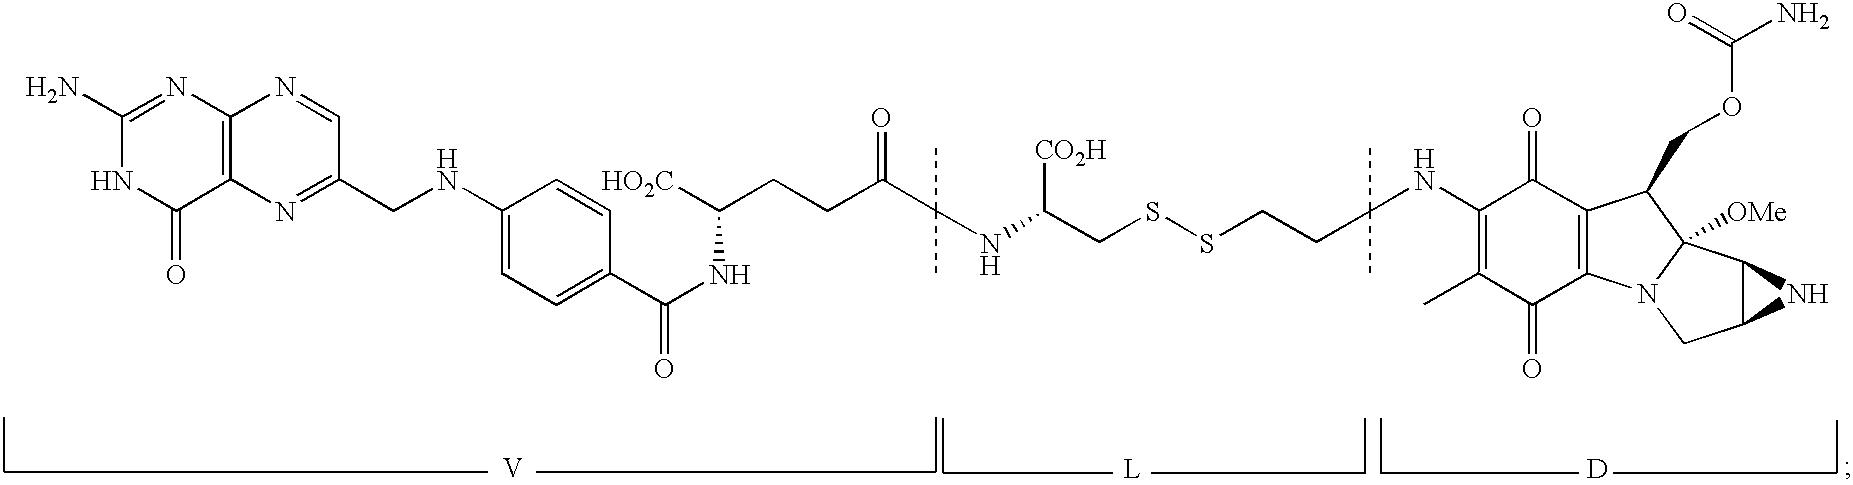 Figure US20100004276A1-20100107-C00016